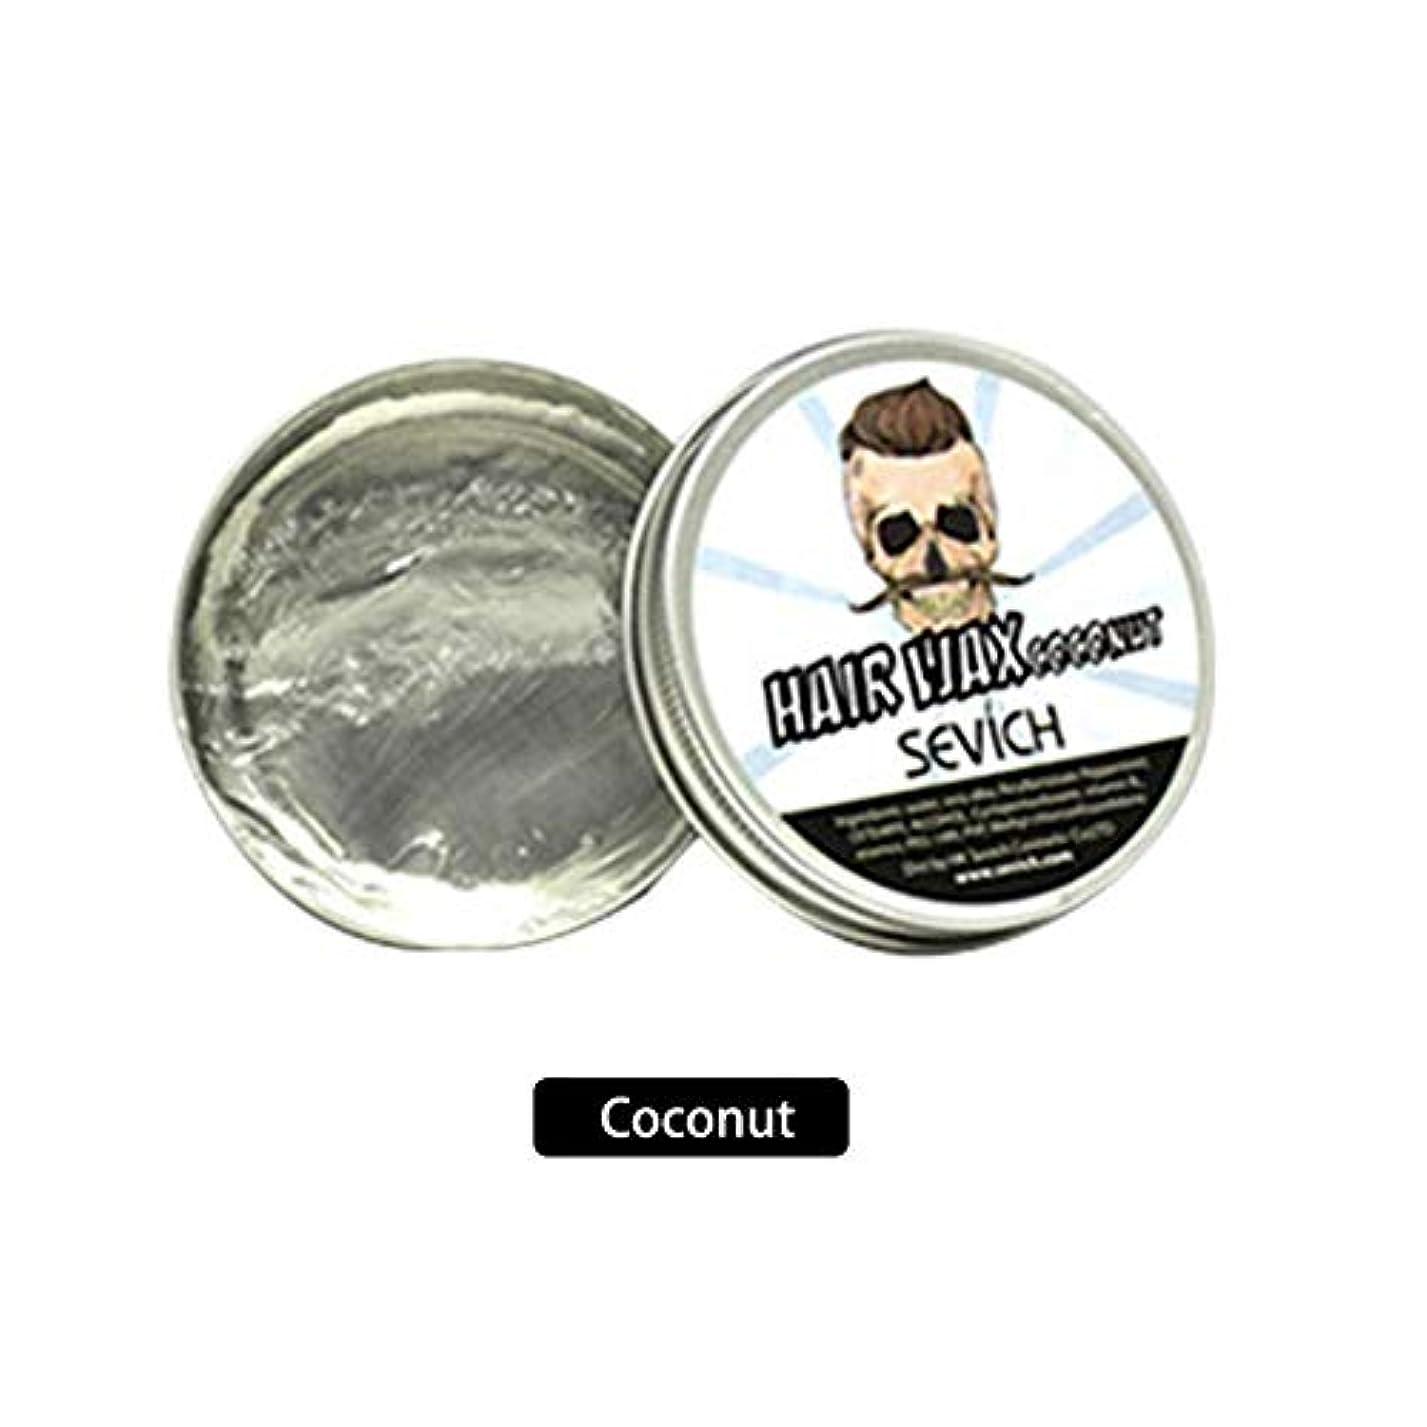 吸収警告する論争的Libeauty メンズヘアワックスヘアクリームクリームソフトで軽い香りメンズ大容量100g